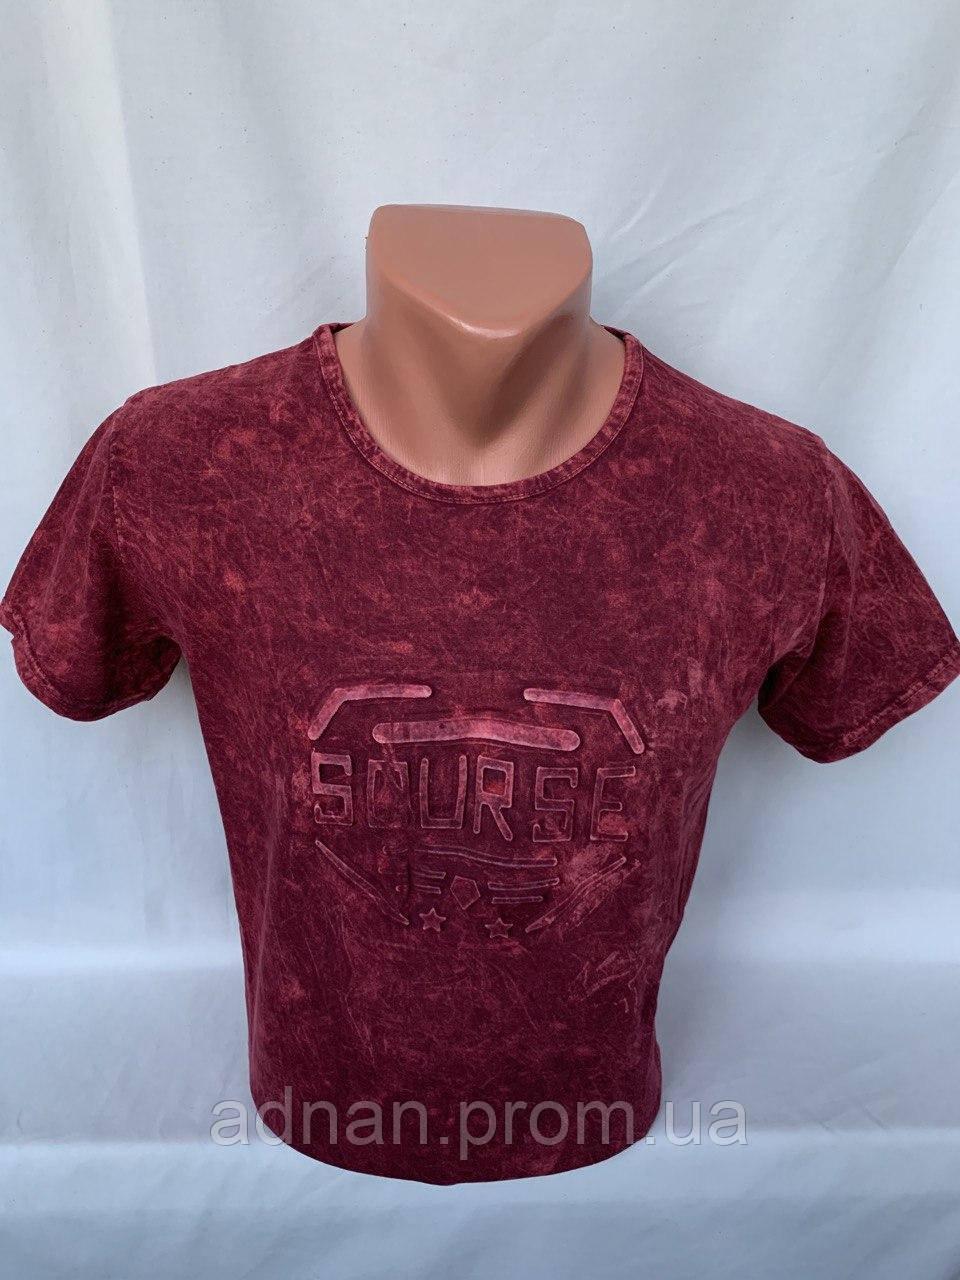 Футболка мужская варенка Regata, накатка стрейч коттон SOURSE 002 \ купить футболку мужскую оптом